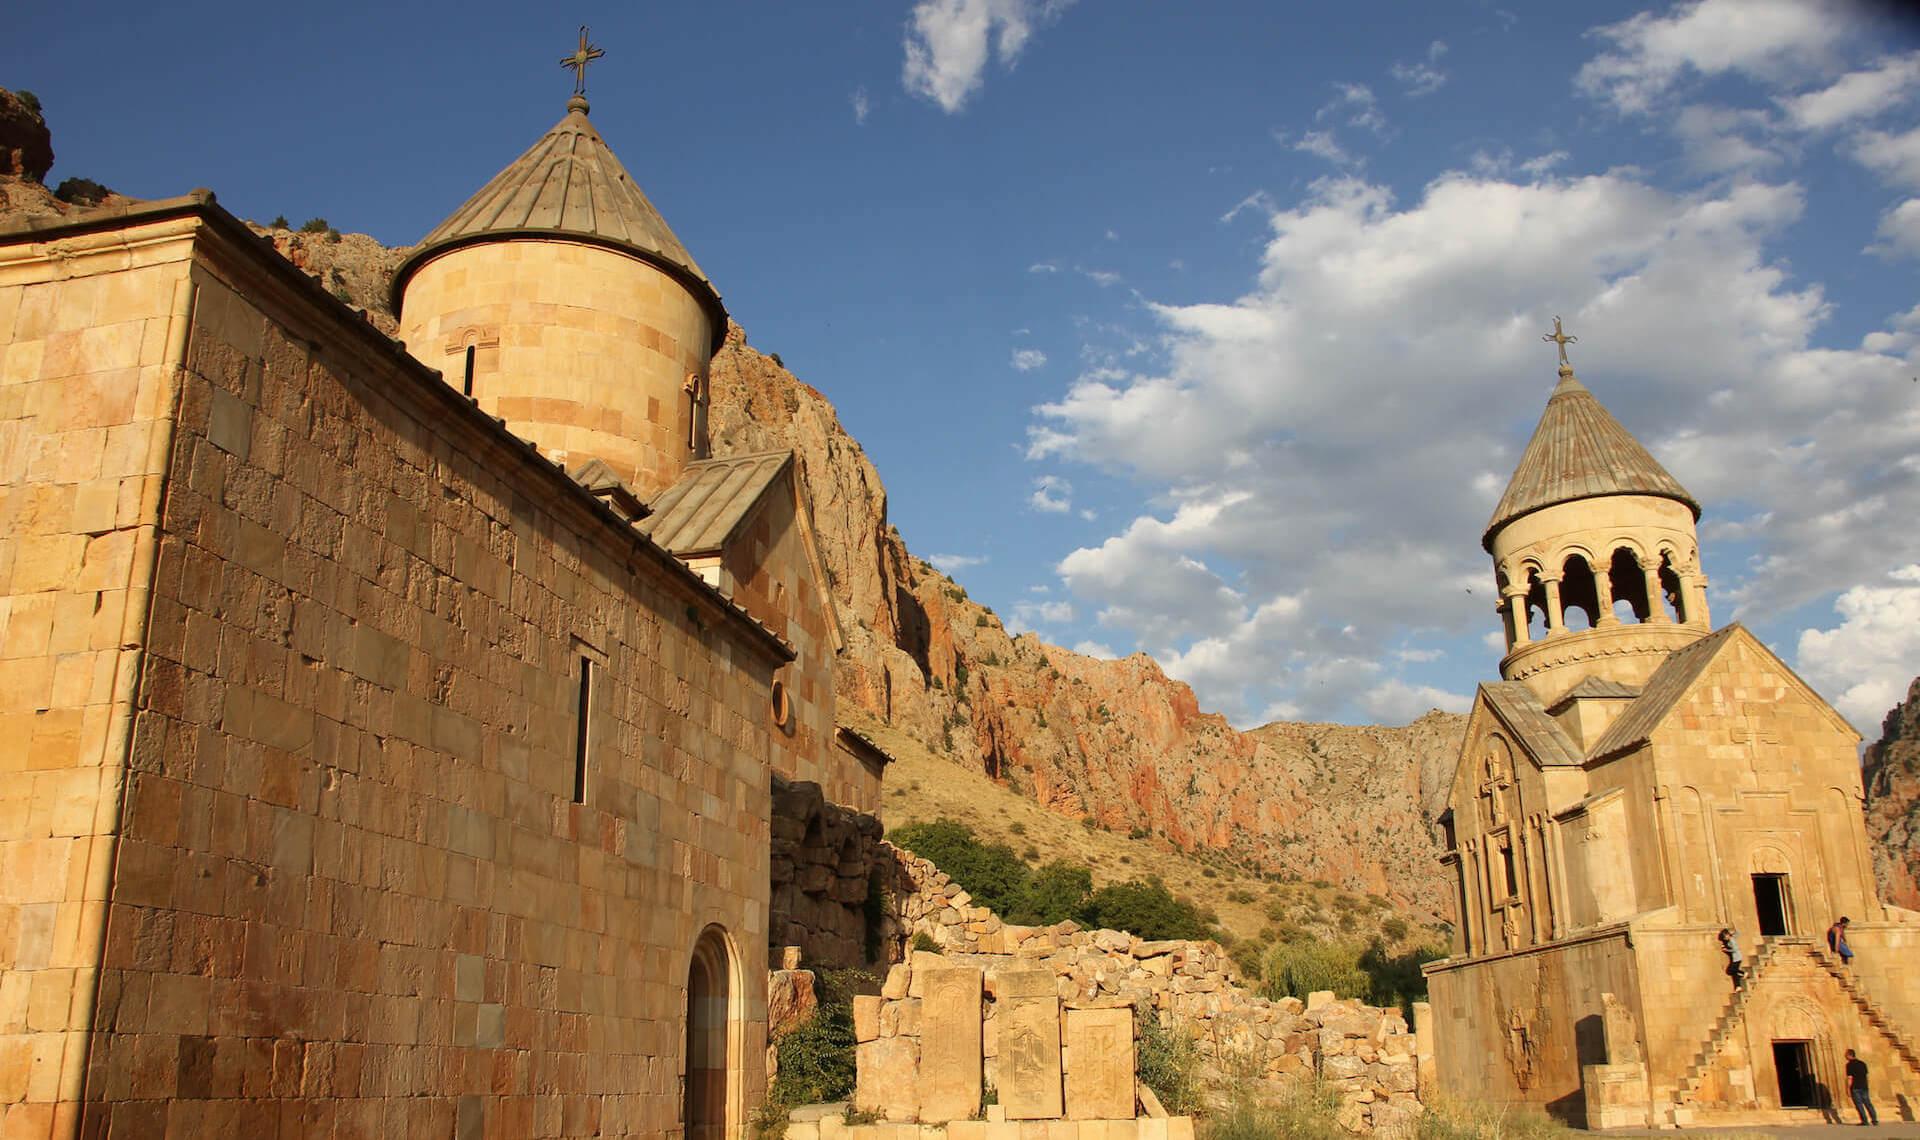 Klooster van Noravank in Armenië